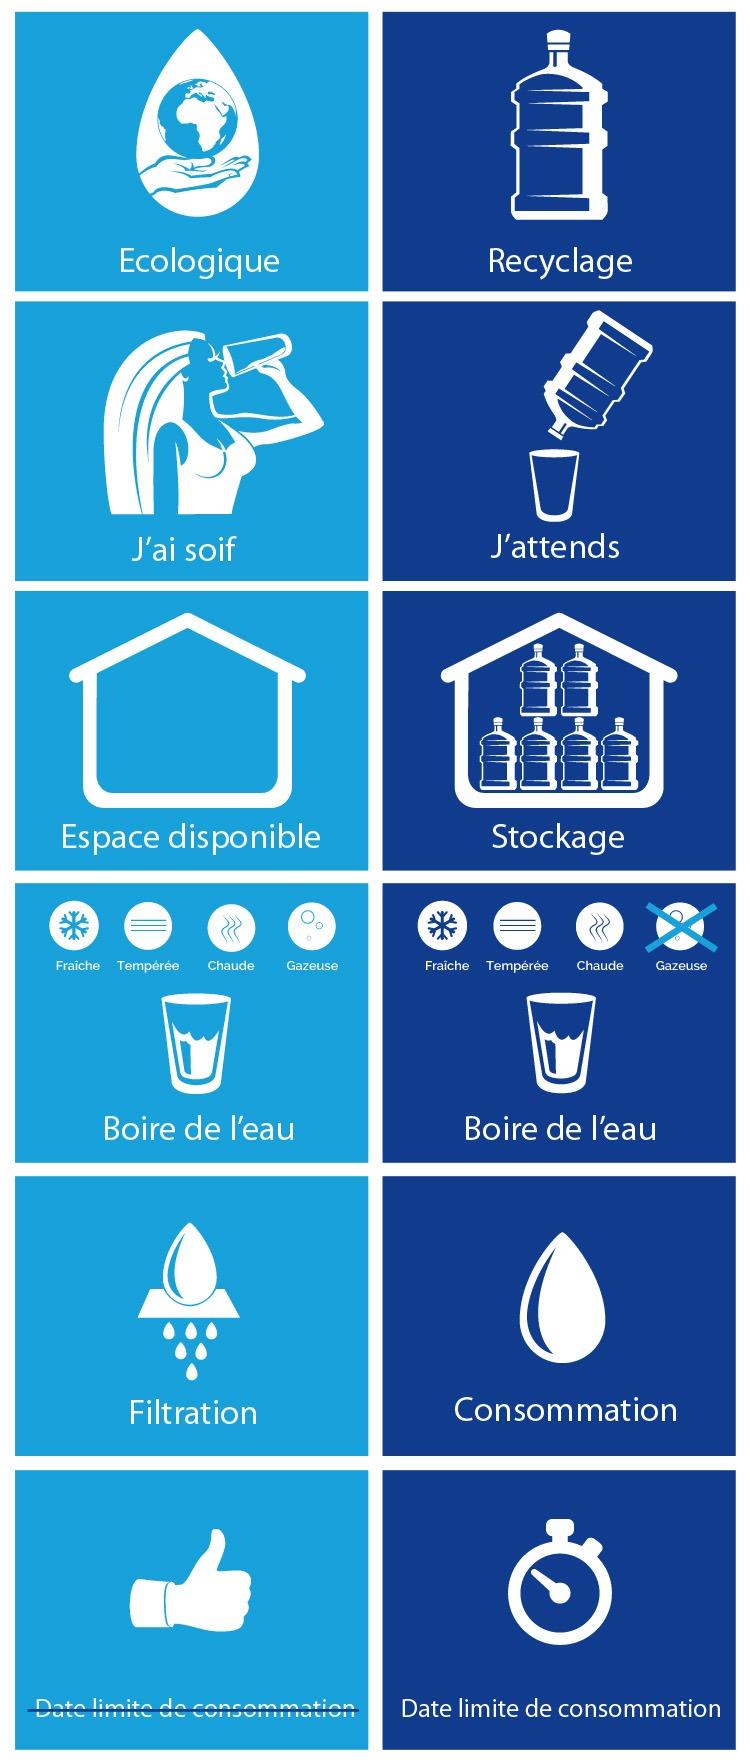 infographie fontaine reseau vs bonbonne